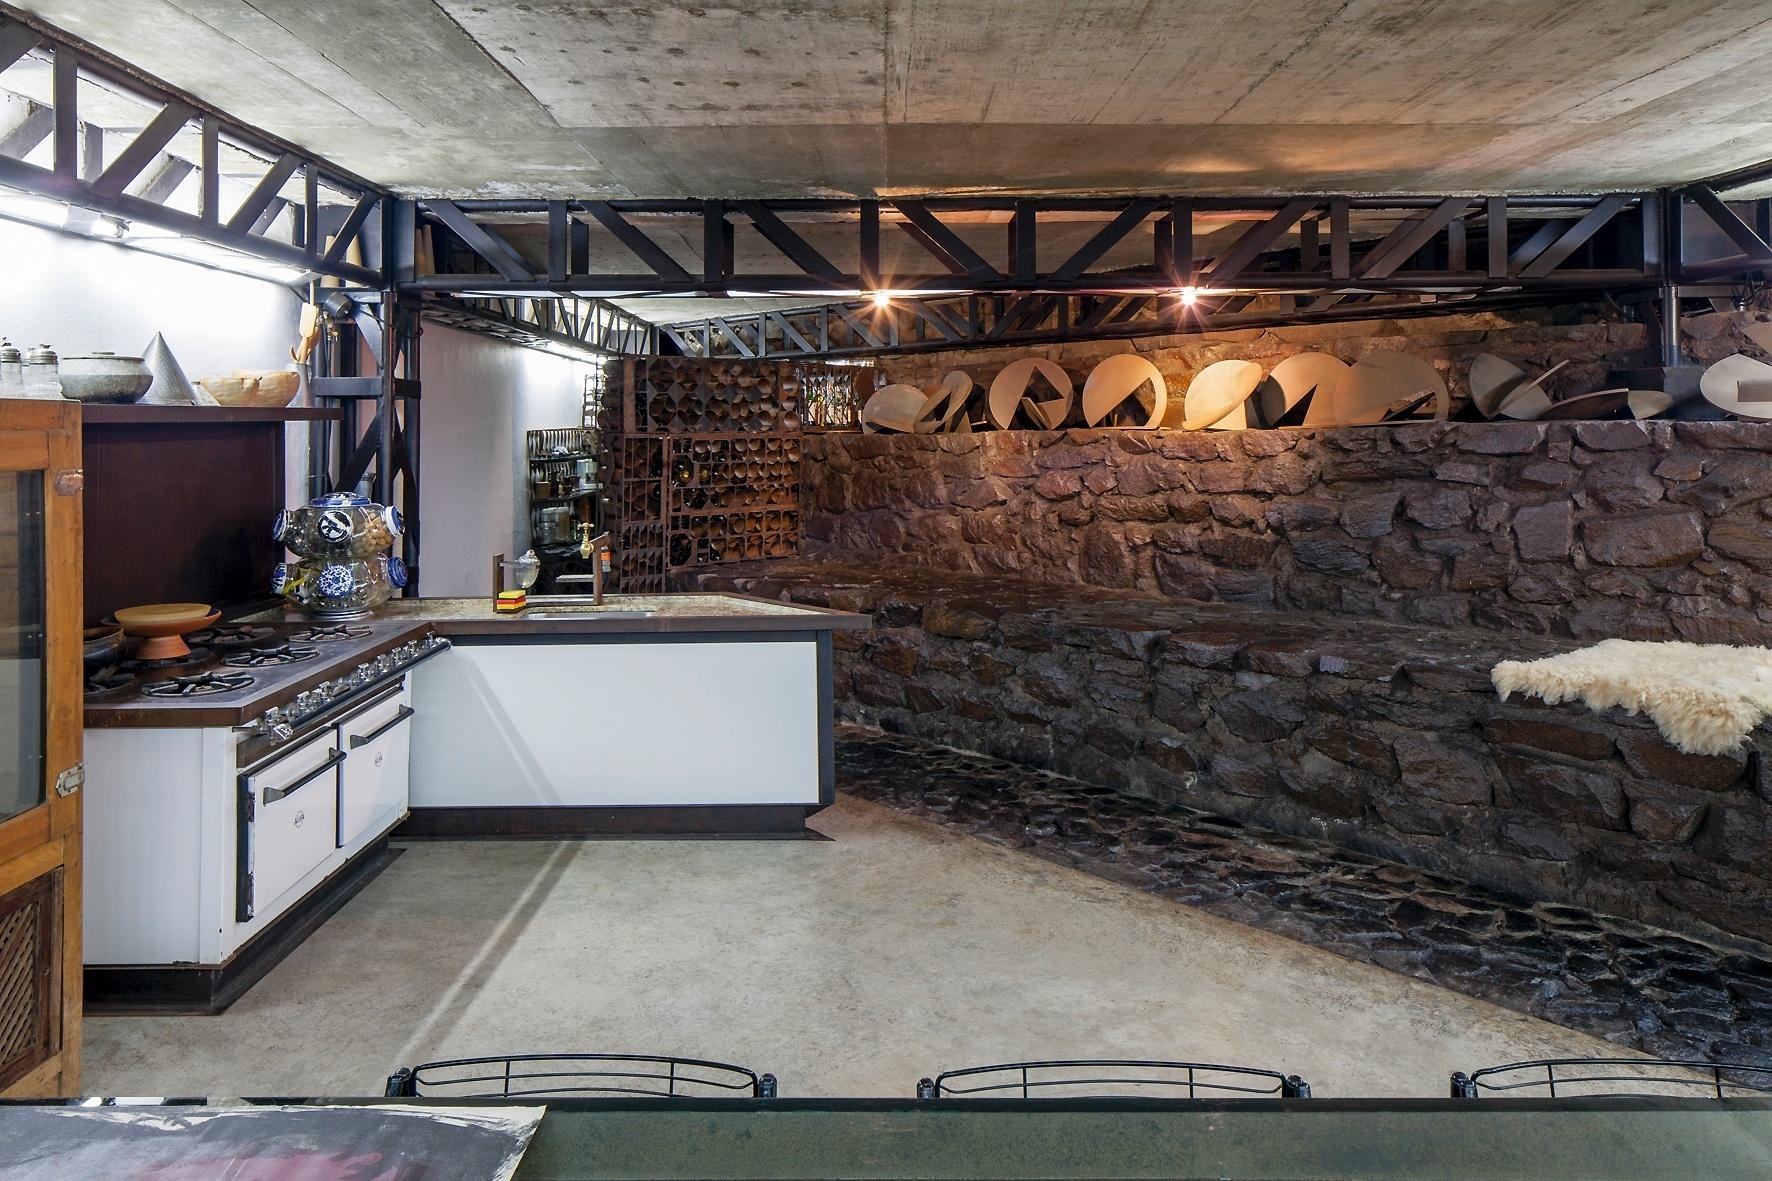 As pedras da região comparecem de modo marcante na casa Mangabeiras, projeto do arquiteto Allen Roscoe. Como no subsolo, onde a adega divide espaço com a cozinha. Destaque para o sistema hidráulico aparente com mangueiras flexíveis que permitem a movimentação da pia para qualquer local do ambiente